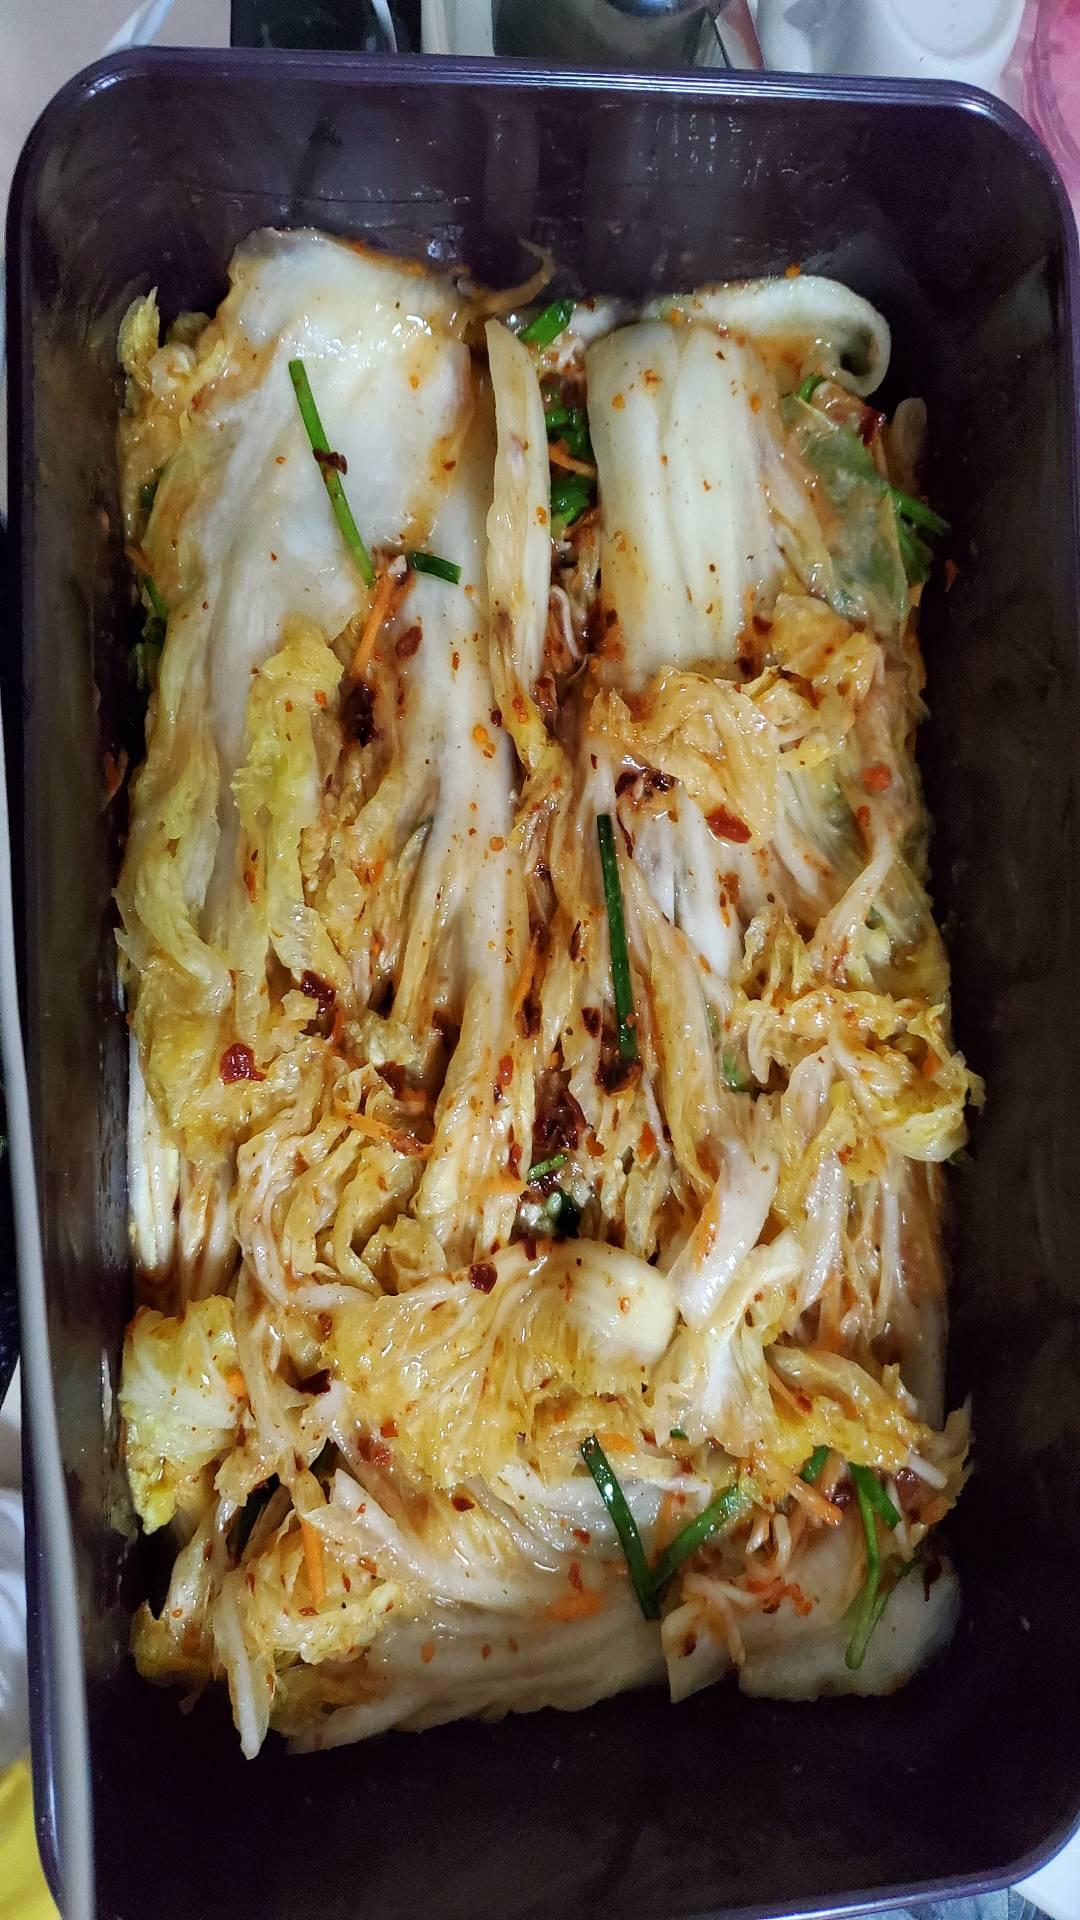 正宗韩国泡菜怎么做_正宗韩国泡菜的做法_正宗韩国泡菜怎么做_美食杰